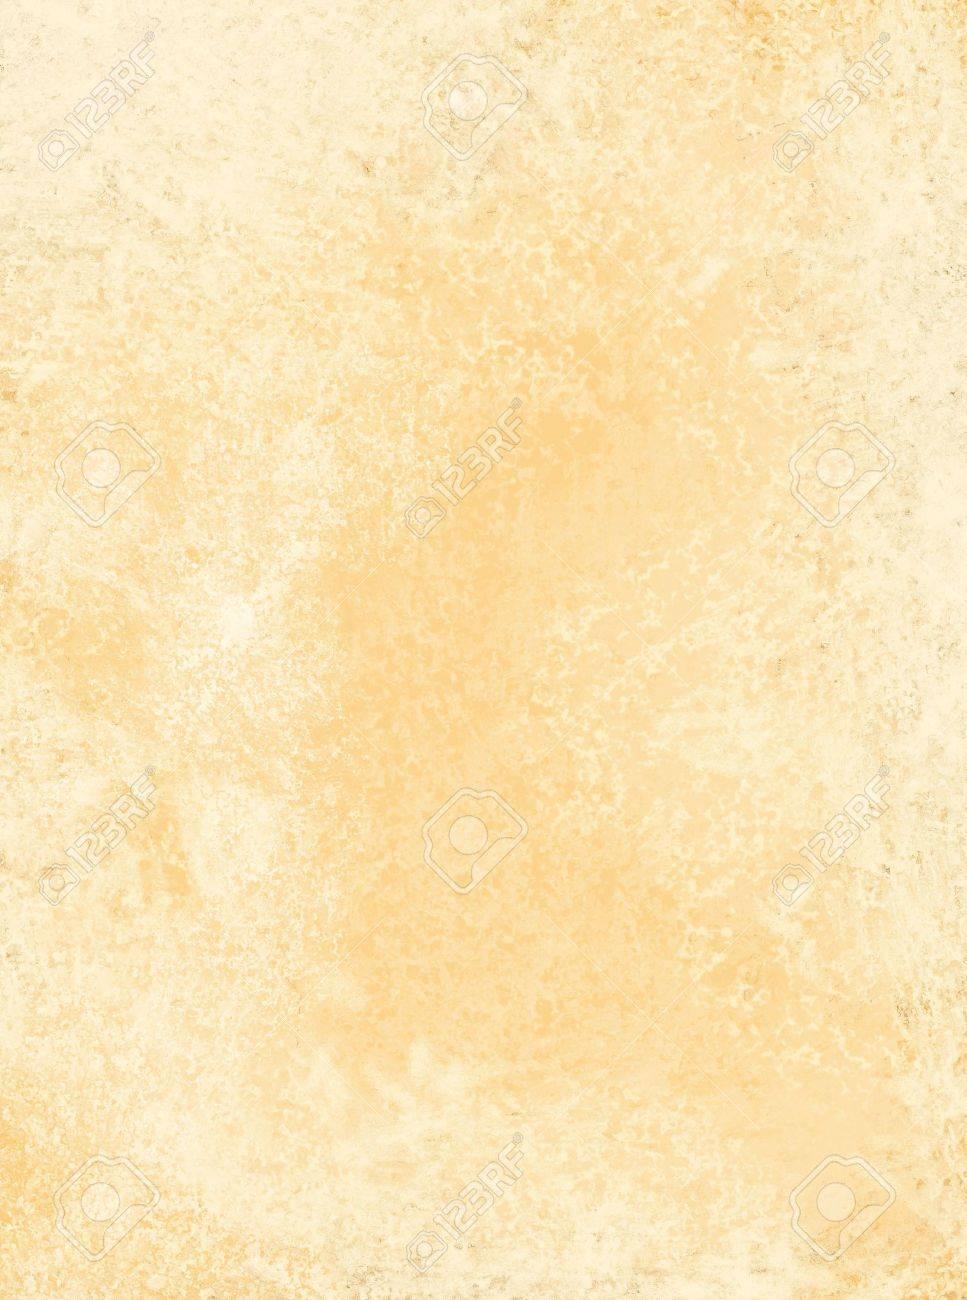 ベージュの紙や背景